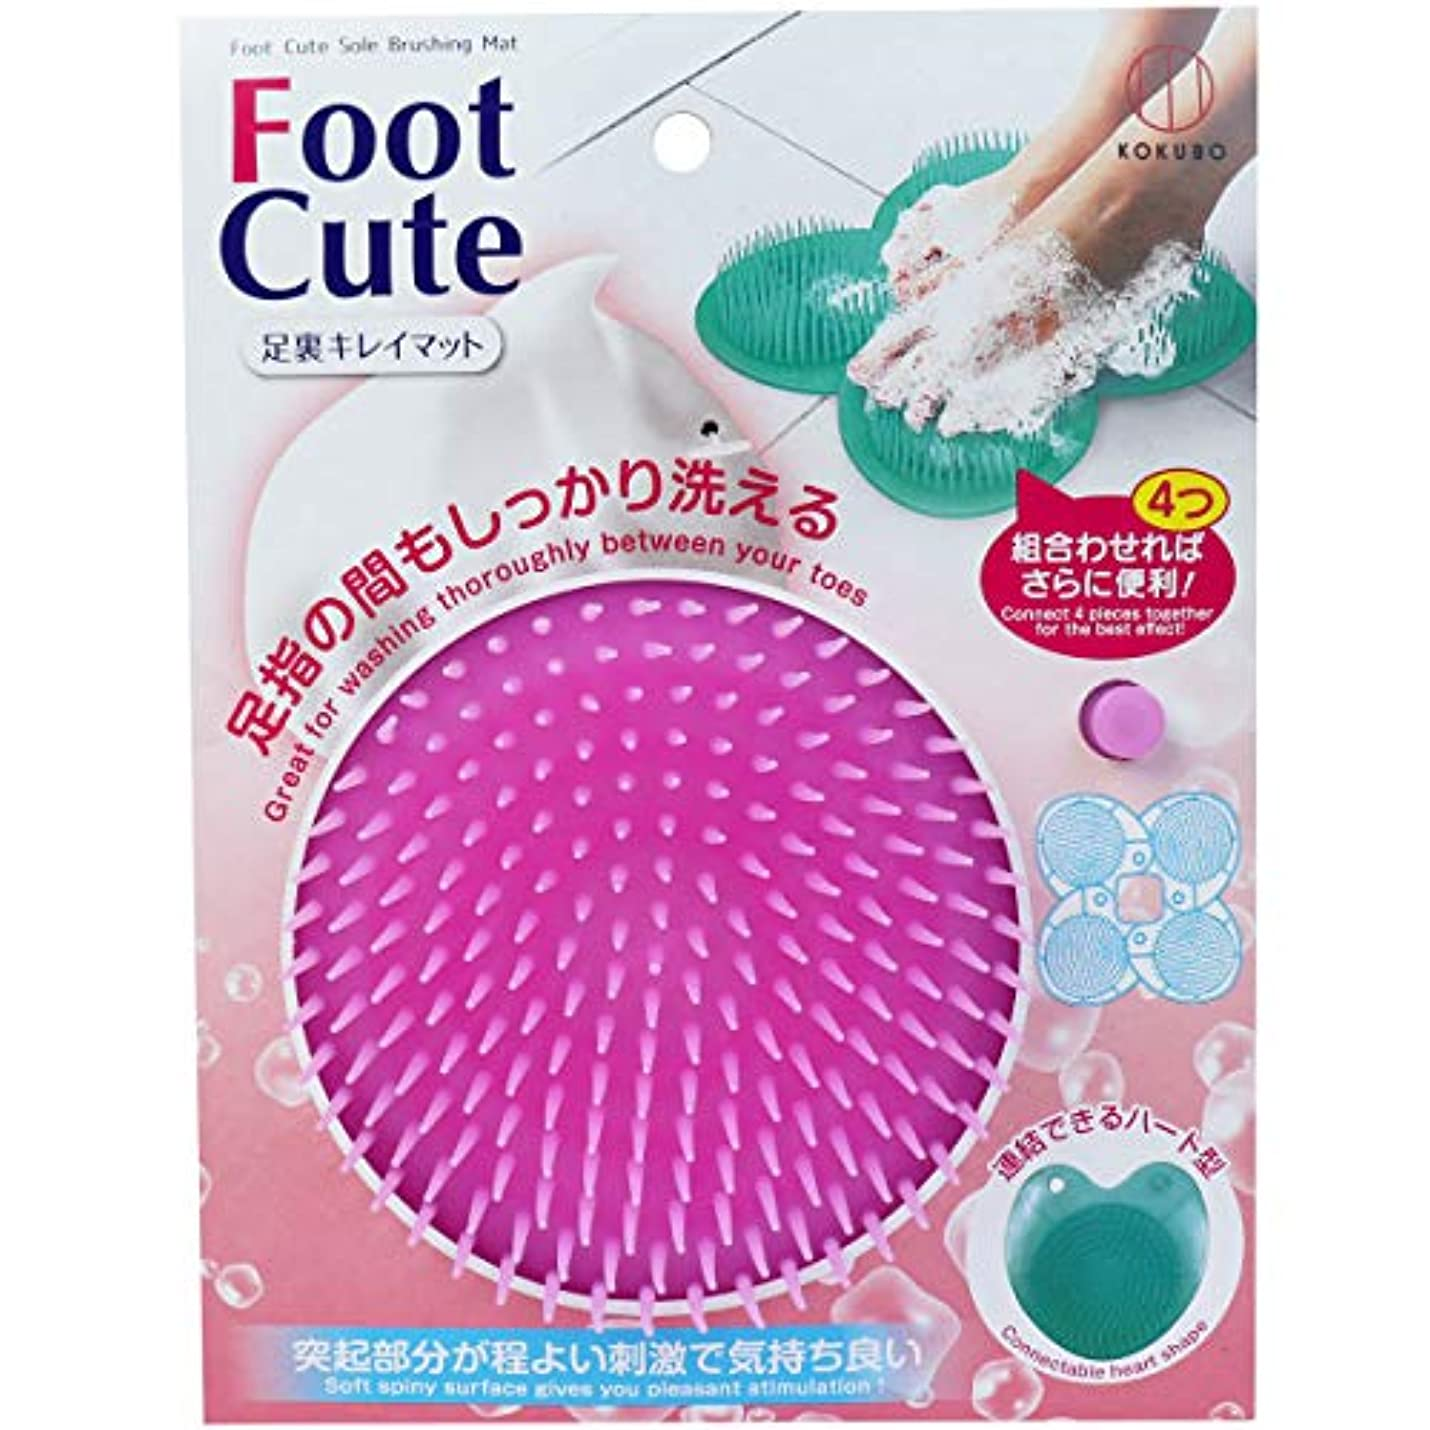 ズームインする受けるする小久保工業所 Foot Cute 足裏キレイマット ピンク KH-056 1個